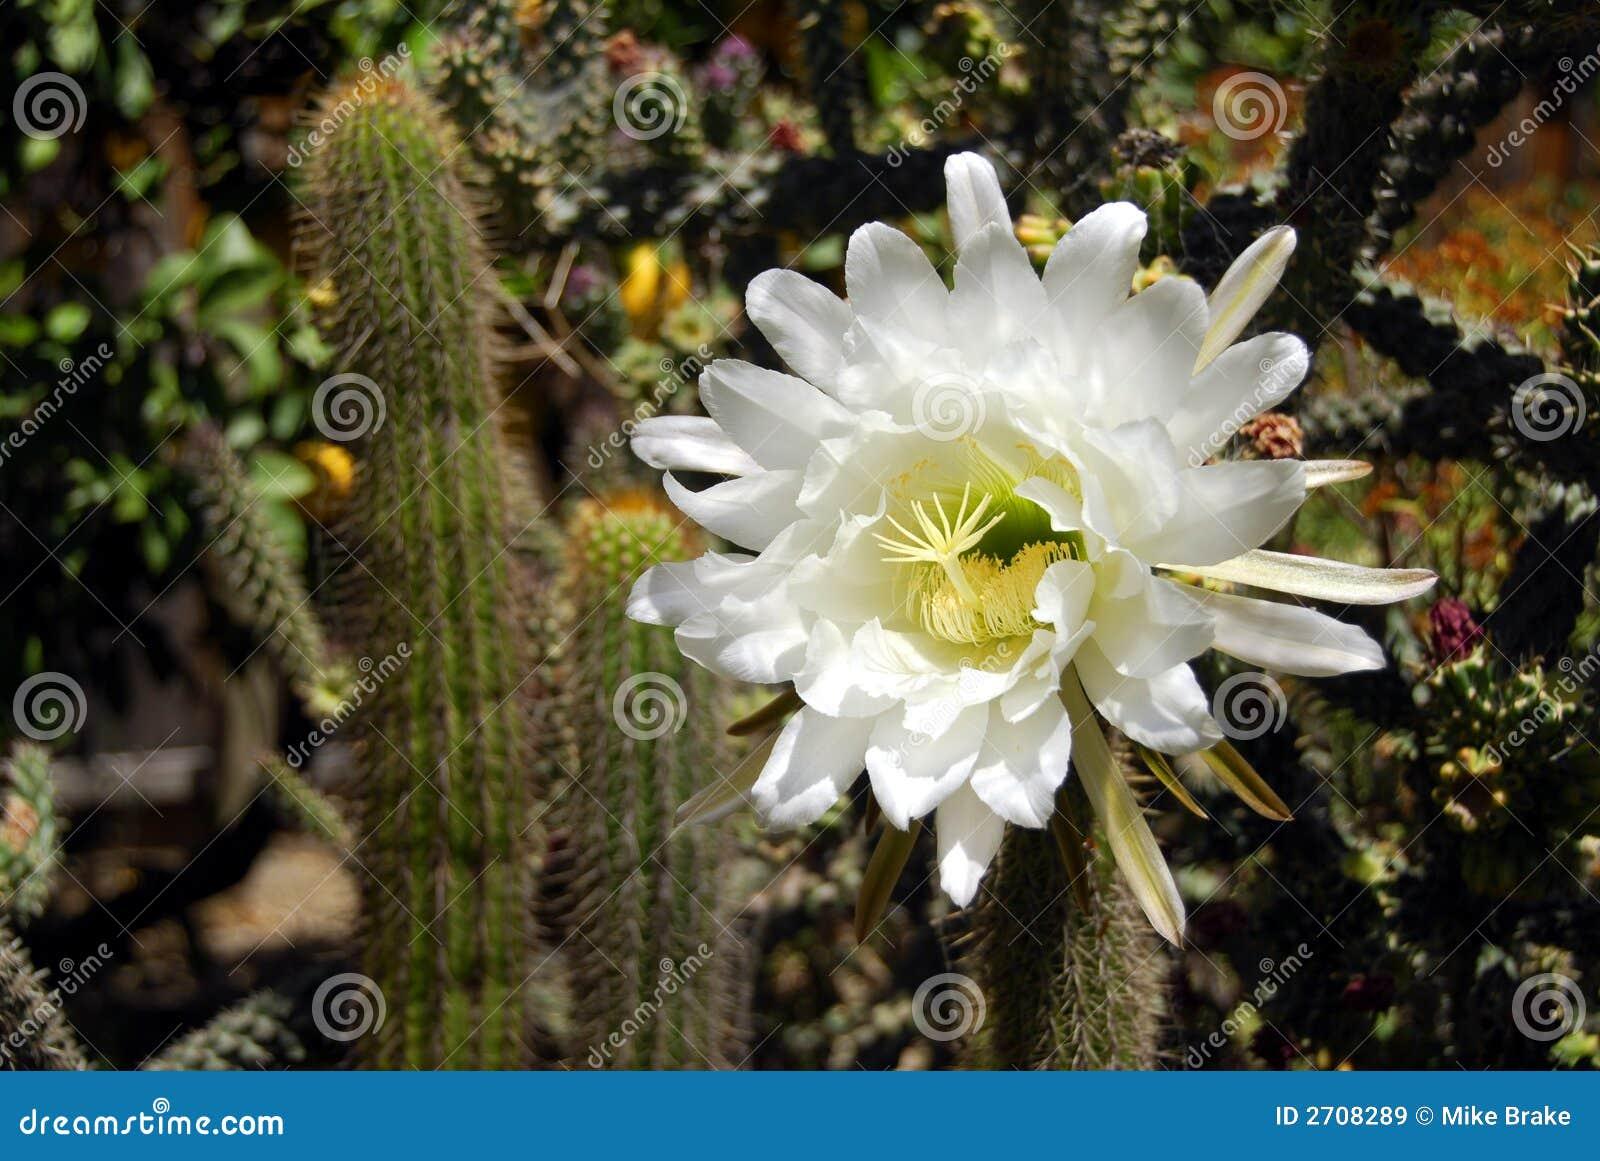 fleur de cactus de cierge images libres de droits - image: 2708289